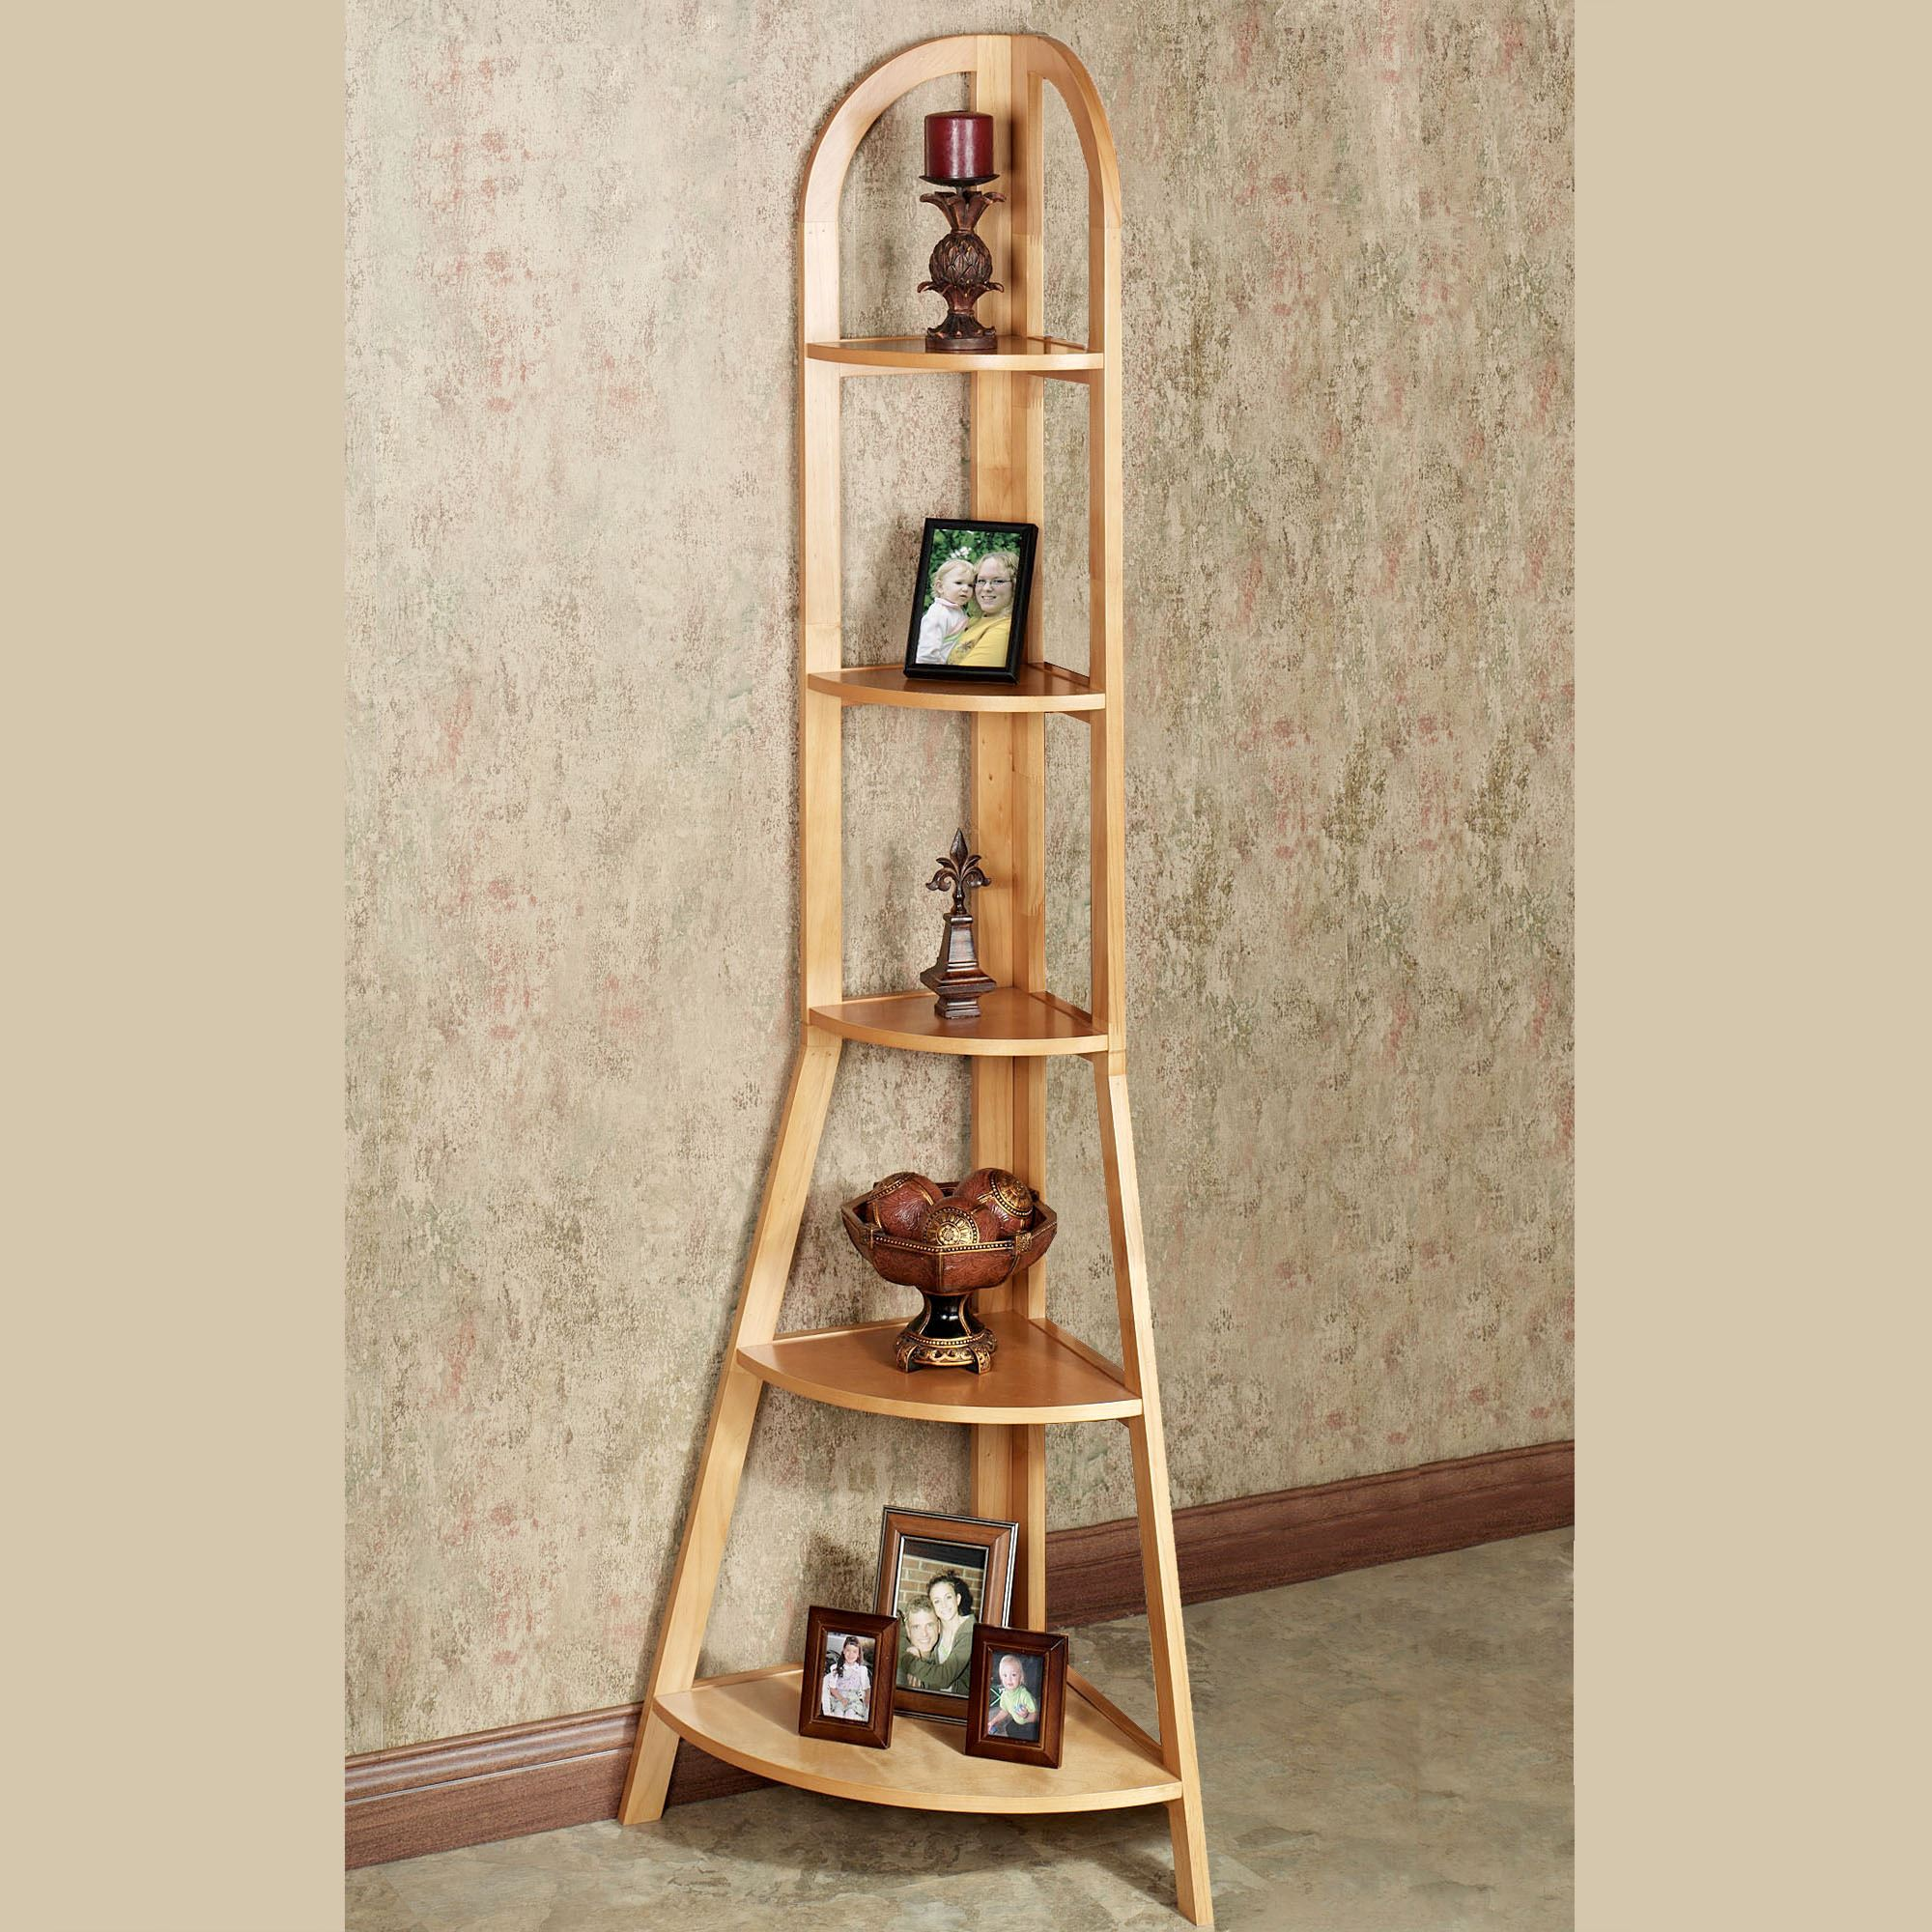 Kimber Tall Corner Shelf Only Natural Oak Five Tier